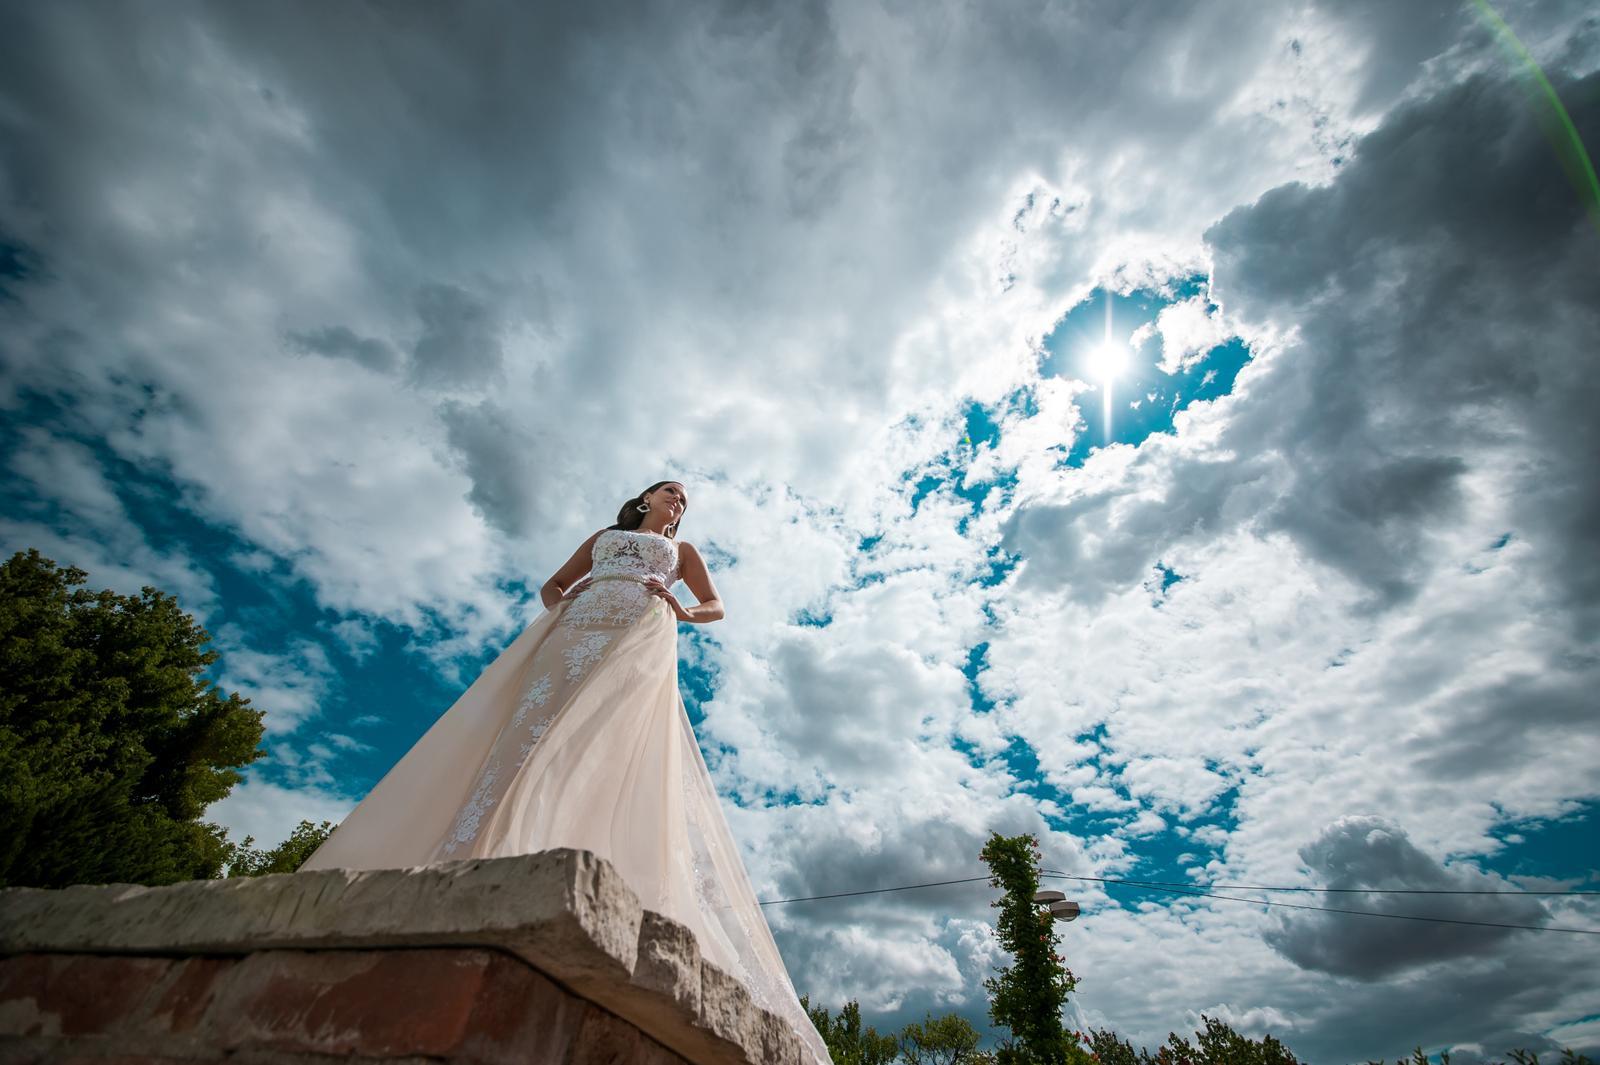 Wedding ♥ - Obrázek č. 25